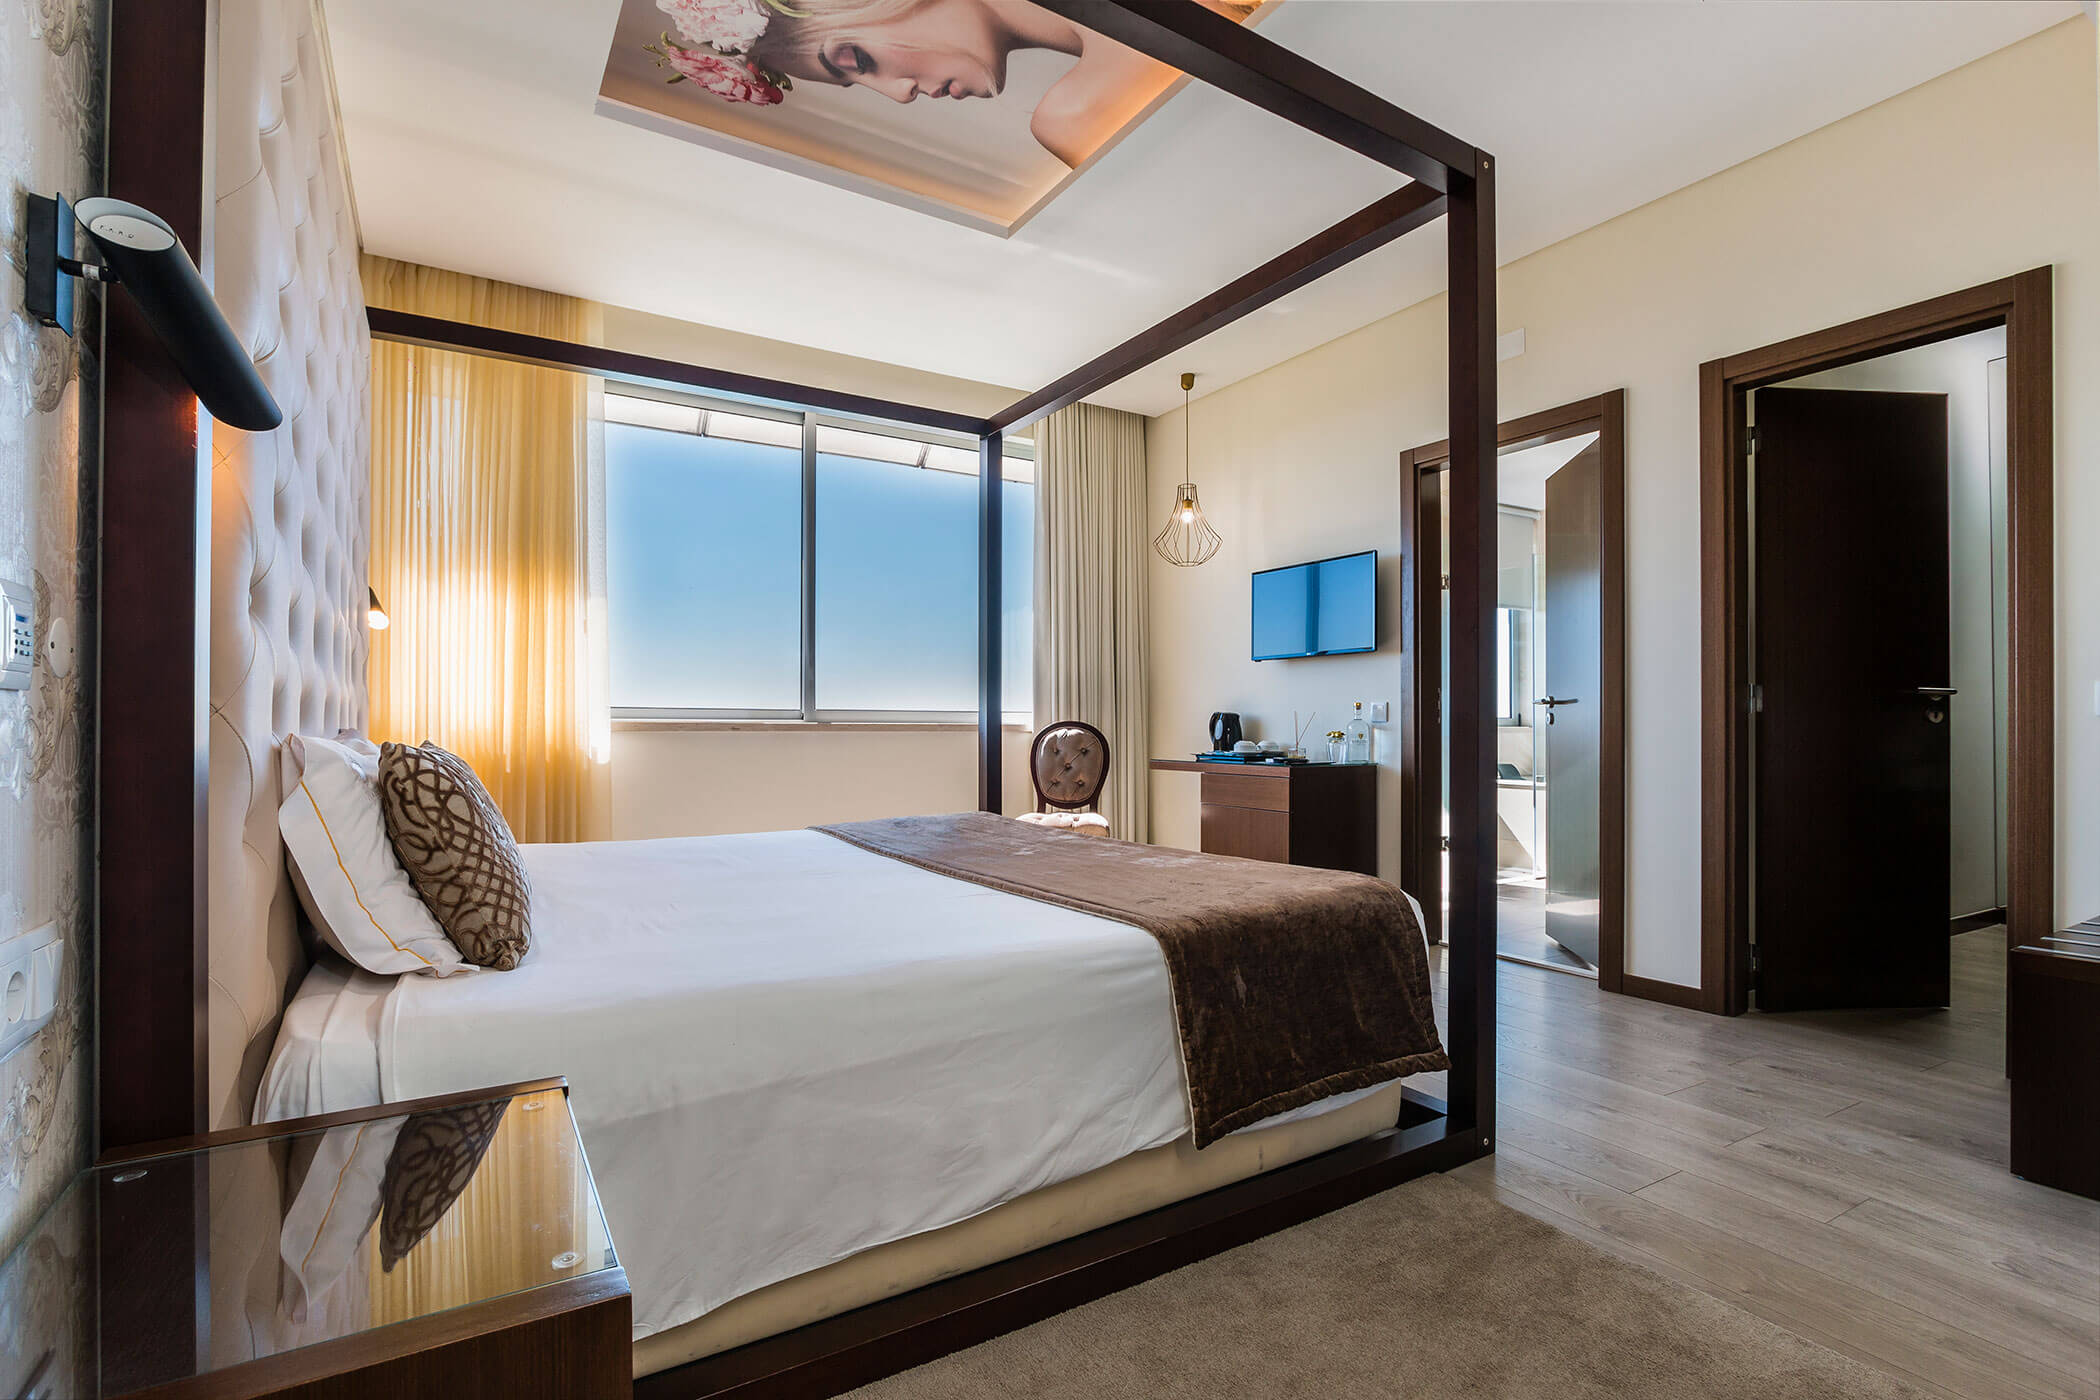 Habitación Doble Superior Princesa Zara, con armario privado - Lisotel Hotel & Spa, Leiria